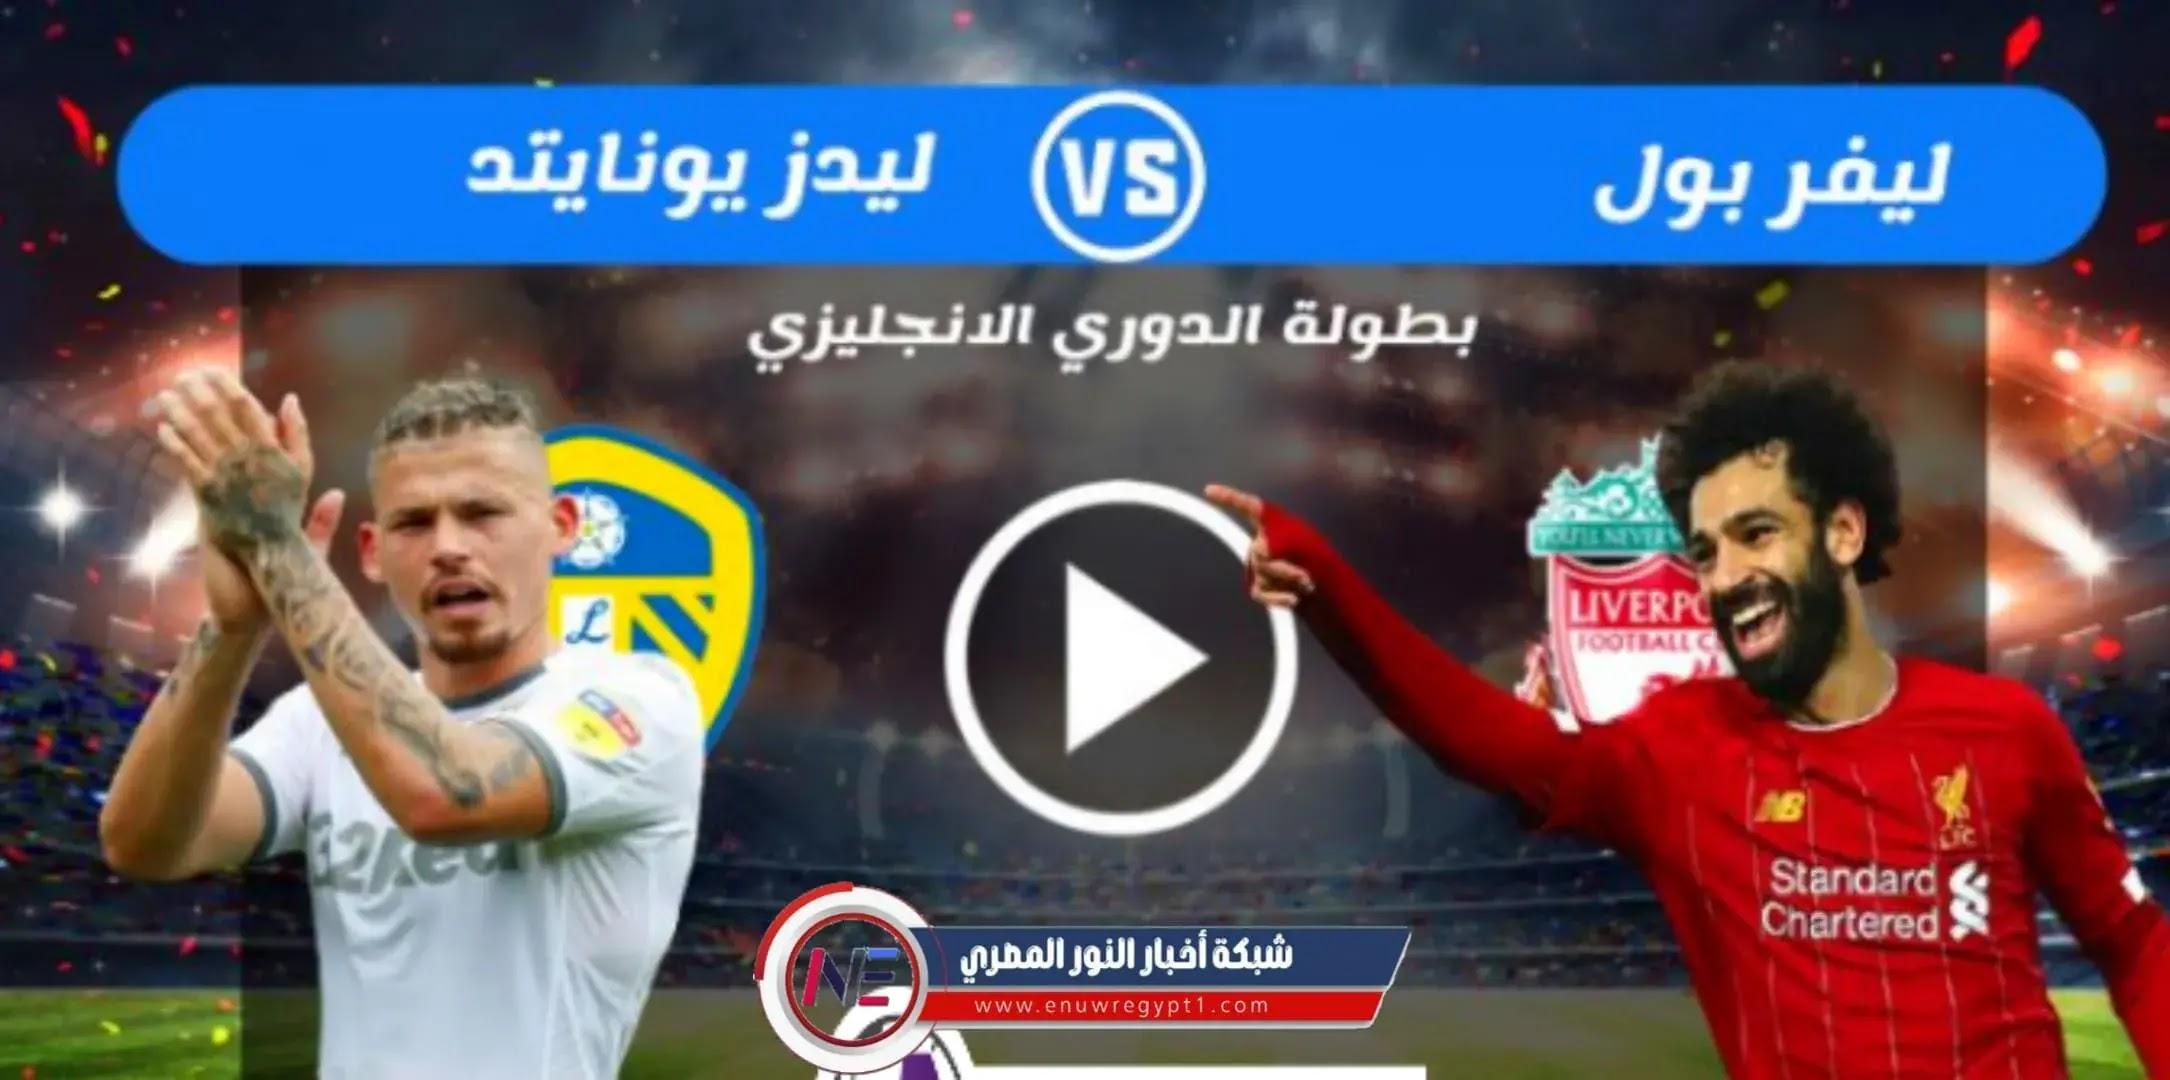 يلا شوت حصري يوتيوب   بث مباشر مشاهدة مباراة ليفربول و ليدز يونايتد بث مباشر اليوم 12-09-2021 لايف في الدورى الانجليزي